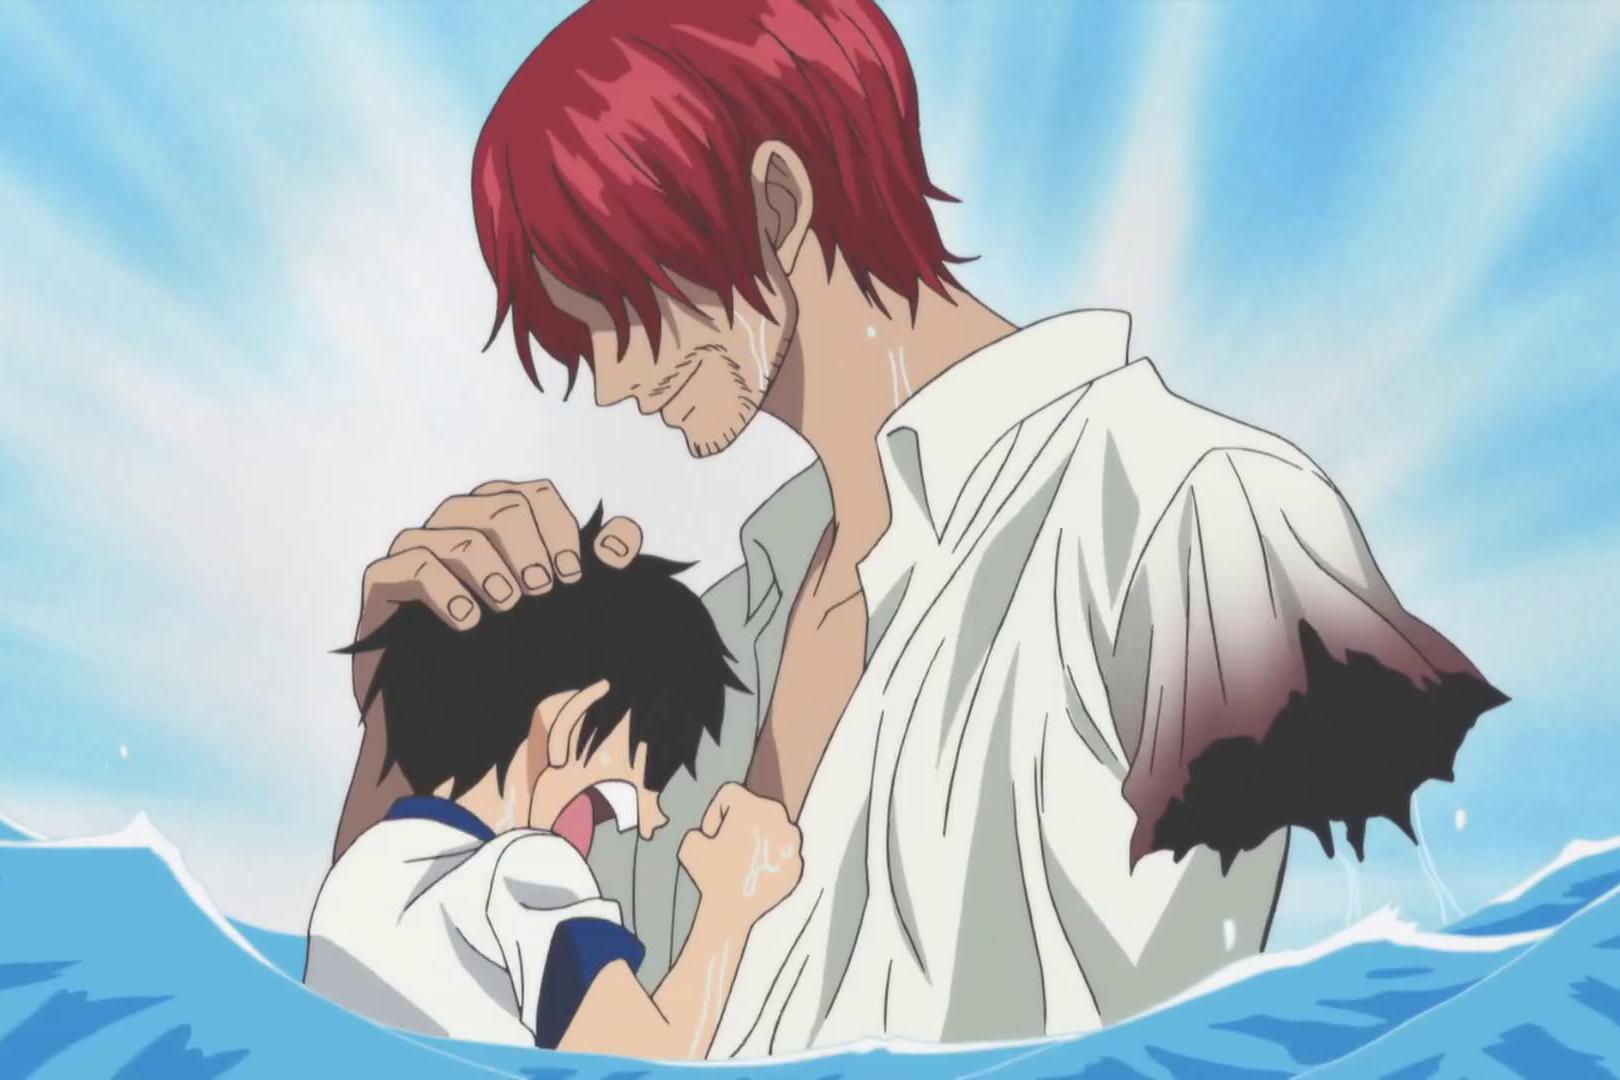 海贼王:海米脑洞真大,红发和巴基的身世,一个比一个震撼